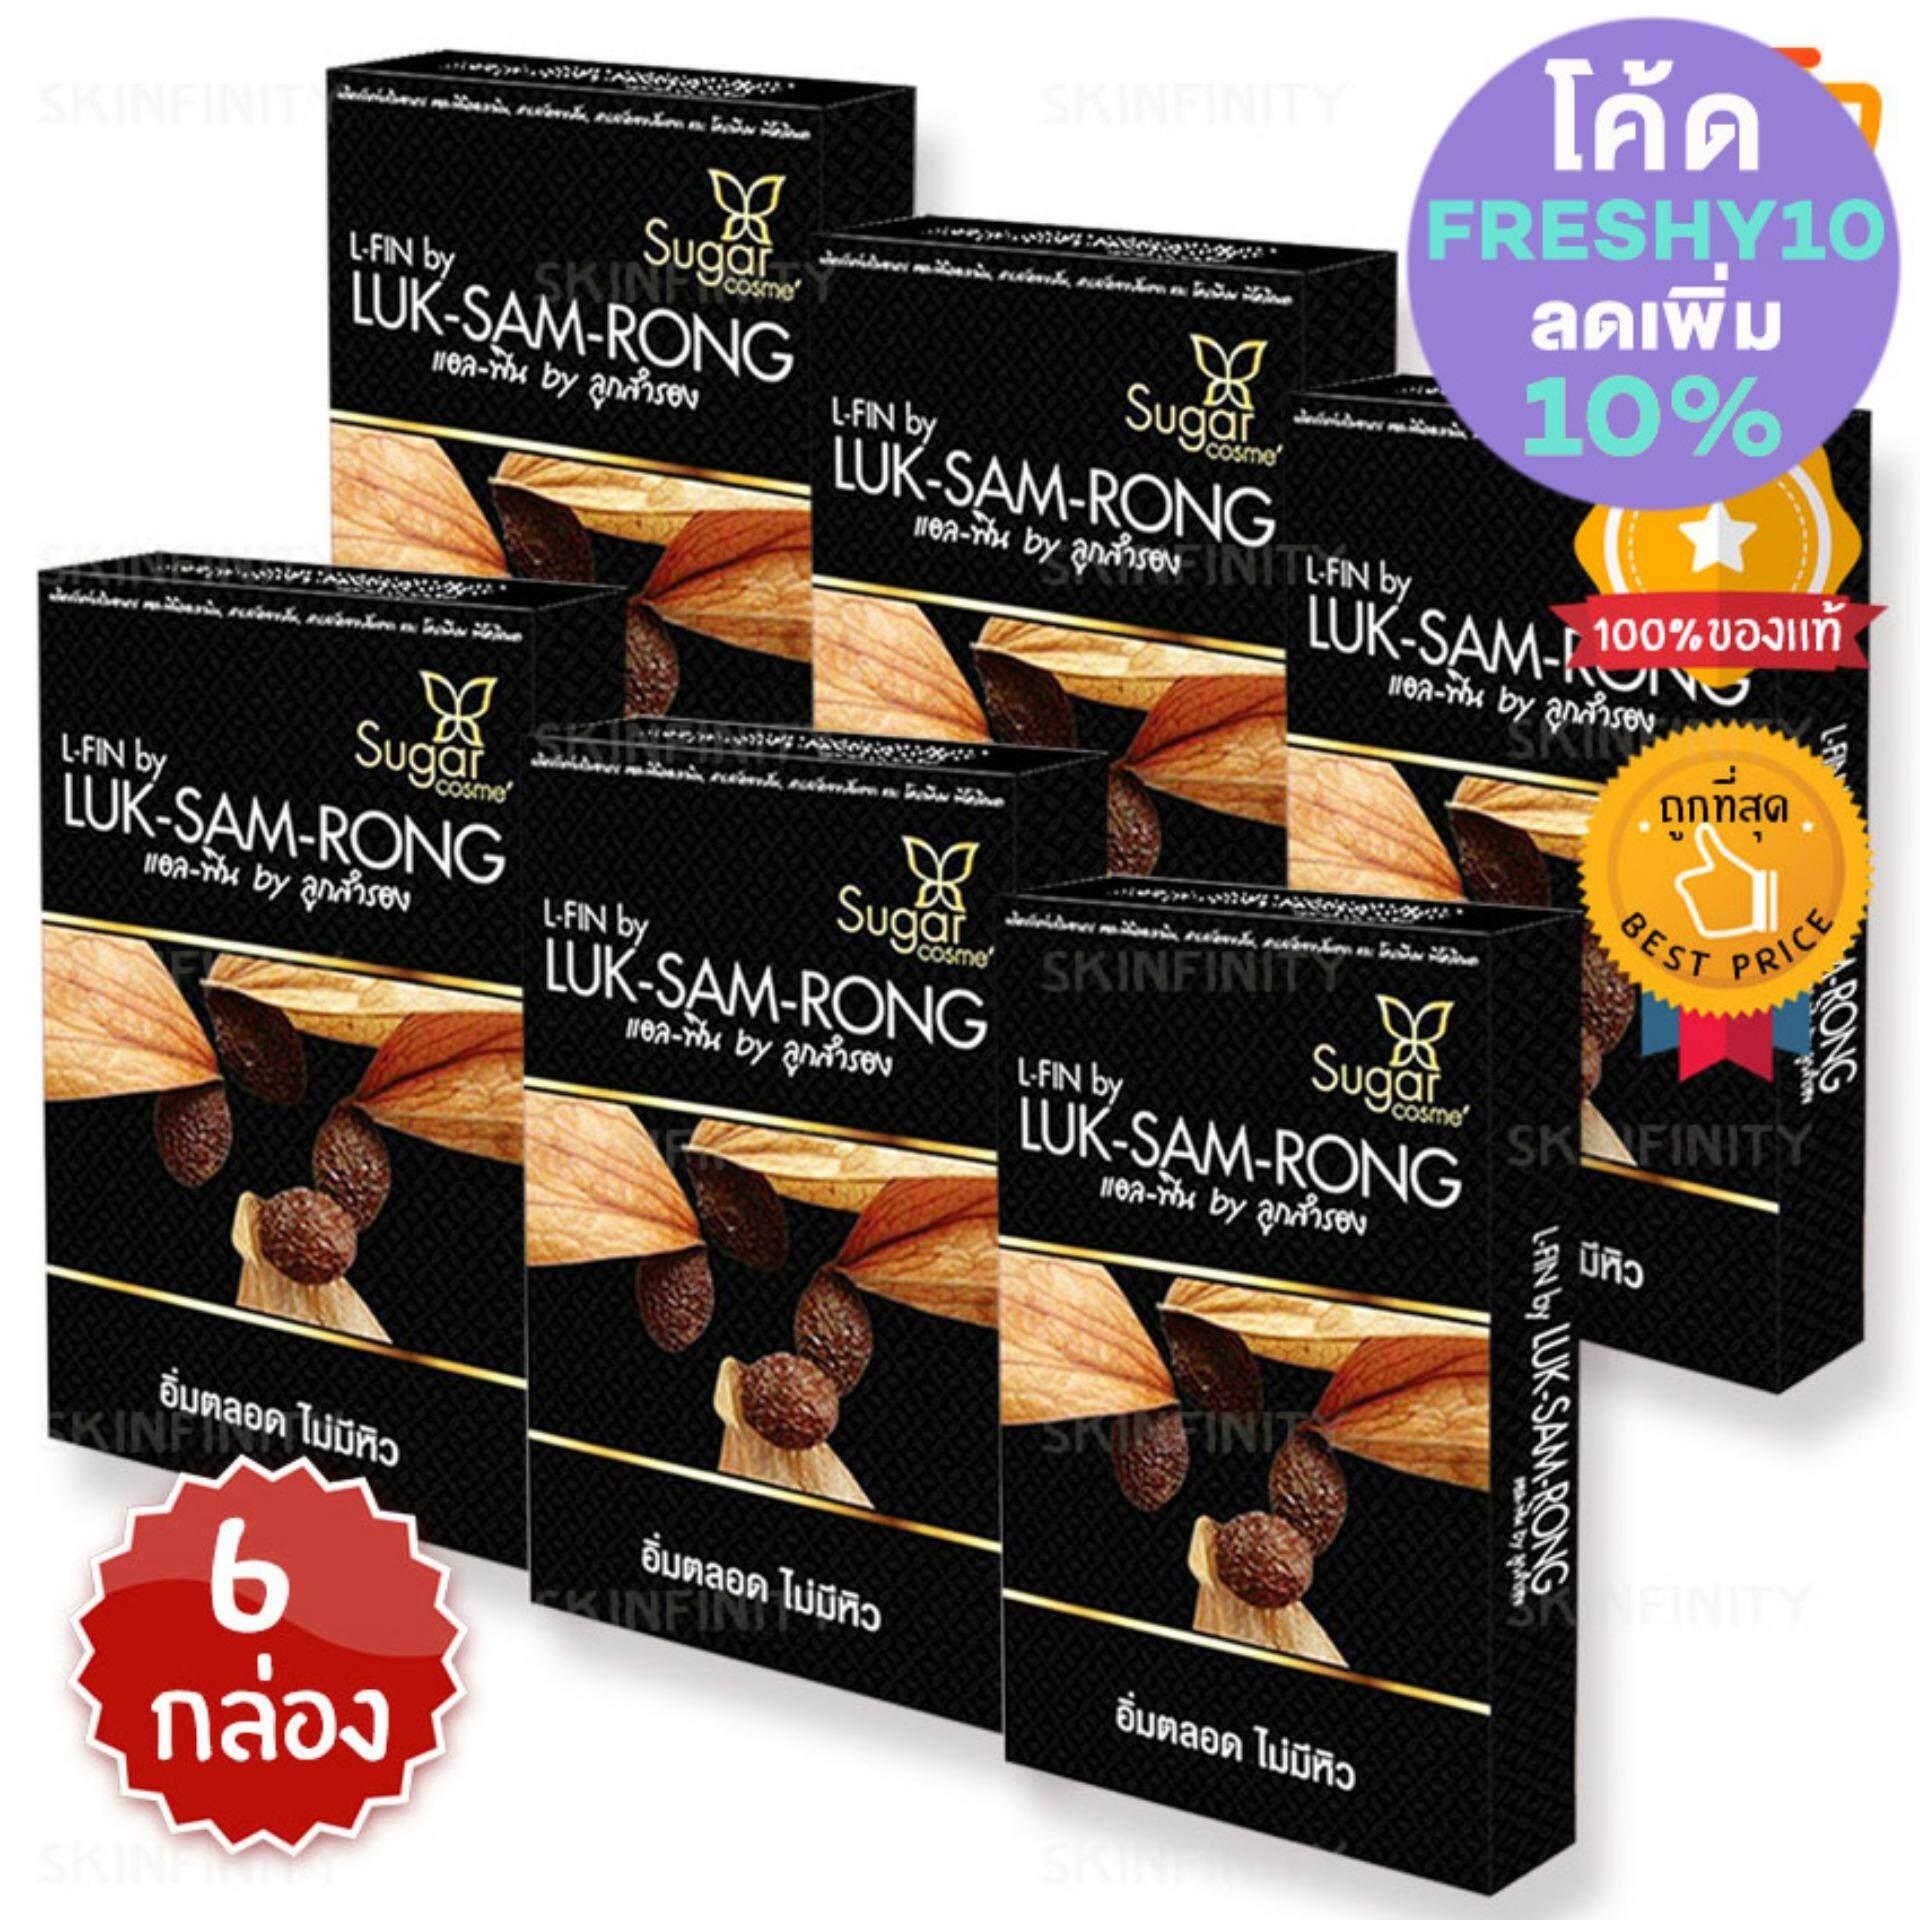 รีวิวพันทิป Luk Sam Rong ลูกสำรอง อาหารเสริมลดน้ำหนัก สูตรดื้อยา  จากสารสกัดธรรมชาติ อิ่มตลอดไม่มีหิว เซ็ต (10 แคปซูล x 6 กล่อง)